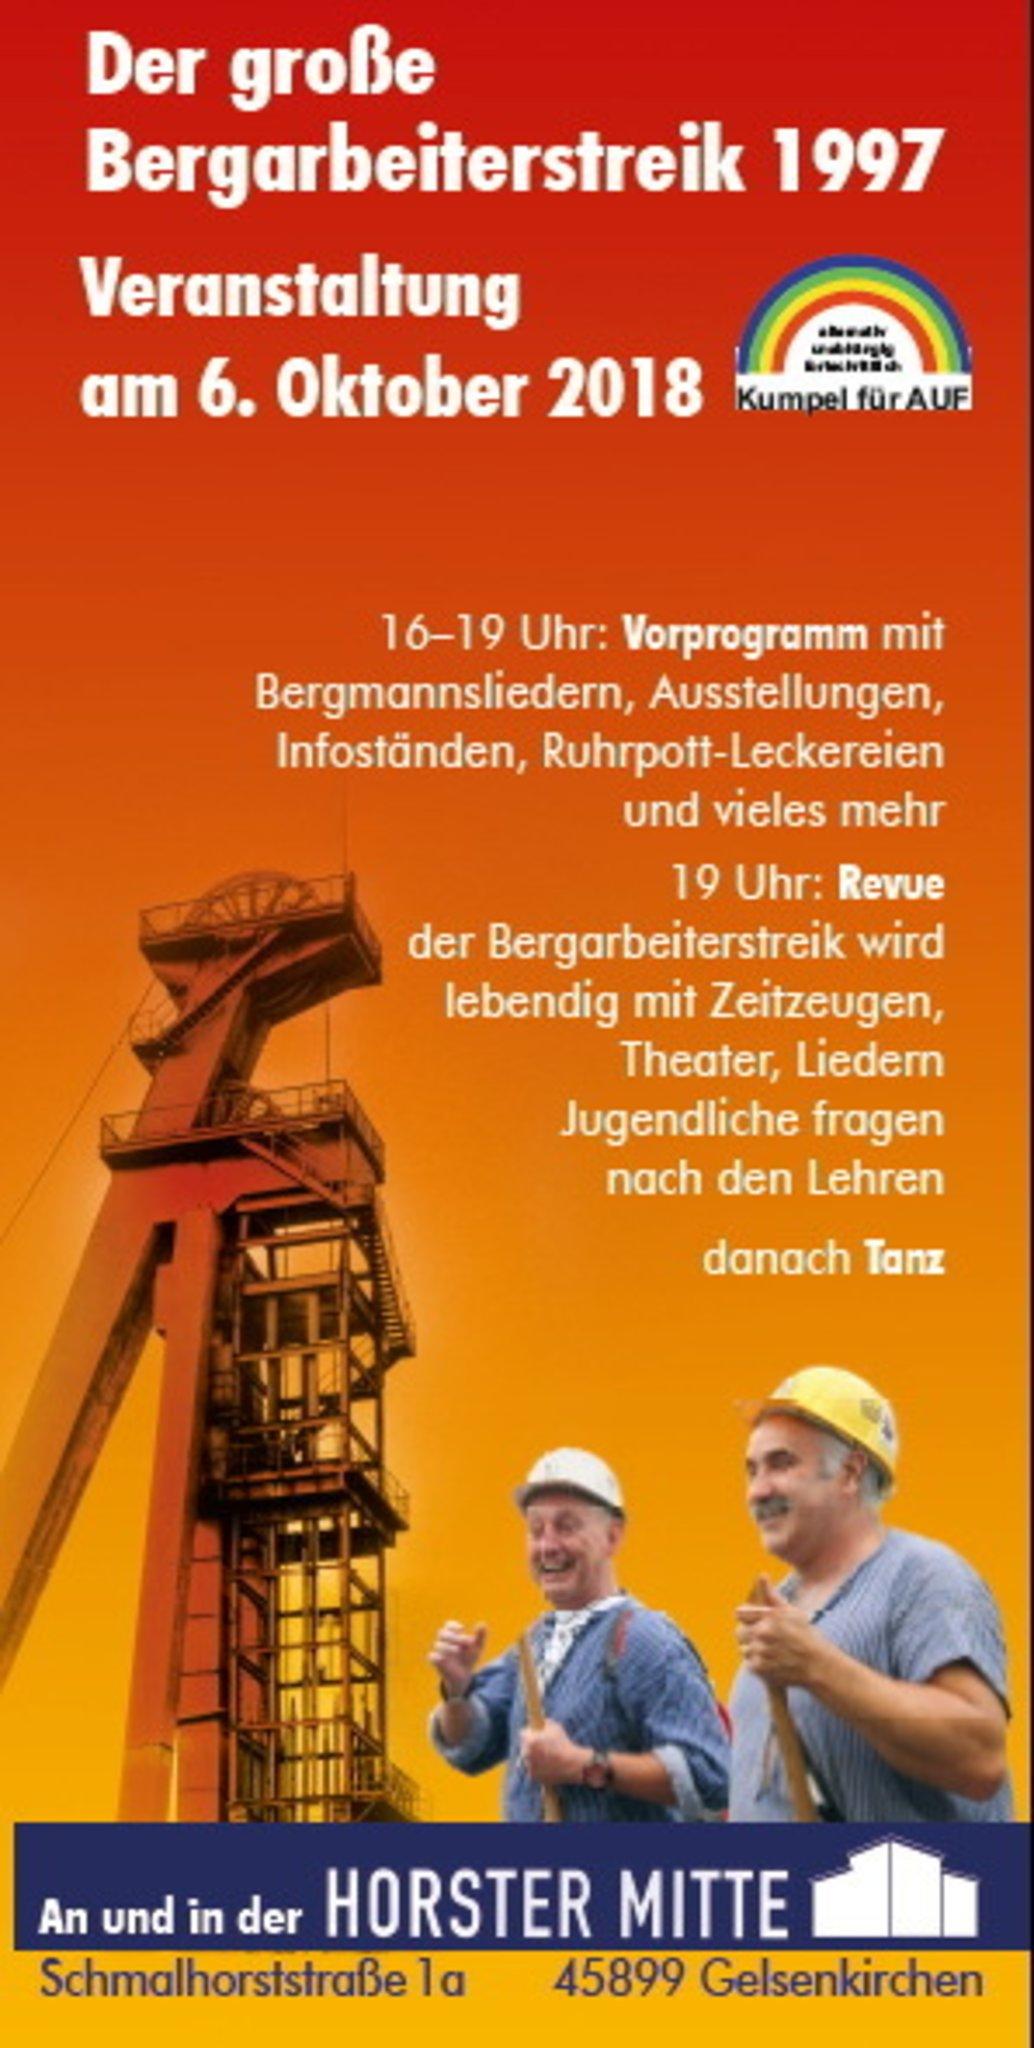 Veranstaltung Zum Großen Bergarbeiterstreik 1997 Am 6102018 In